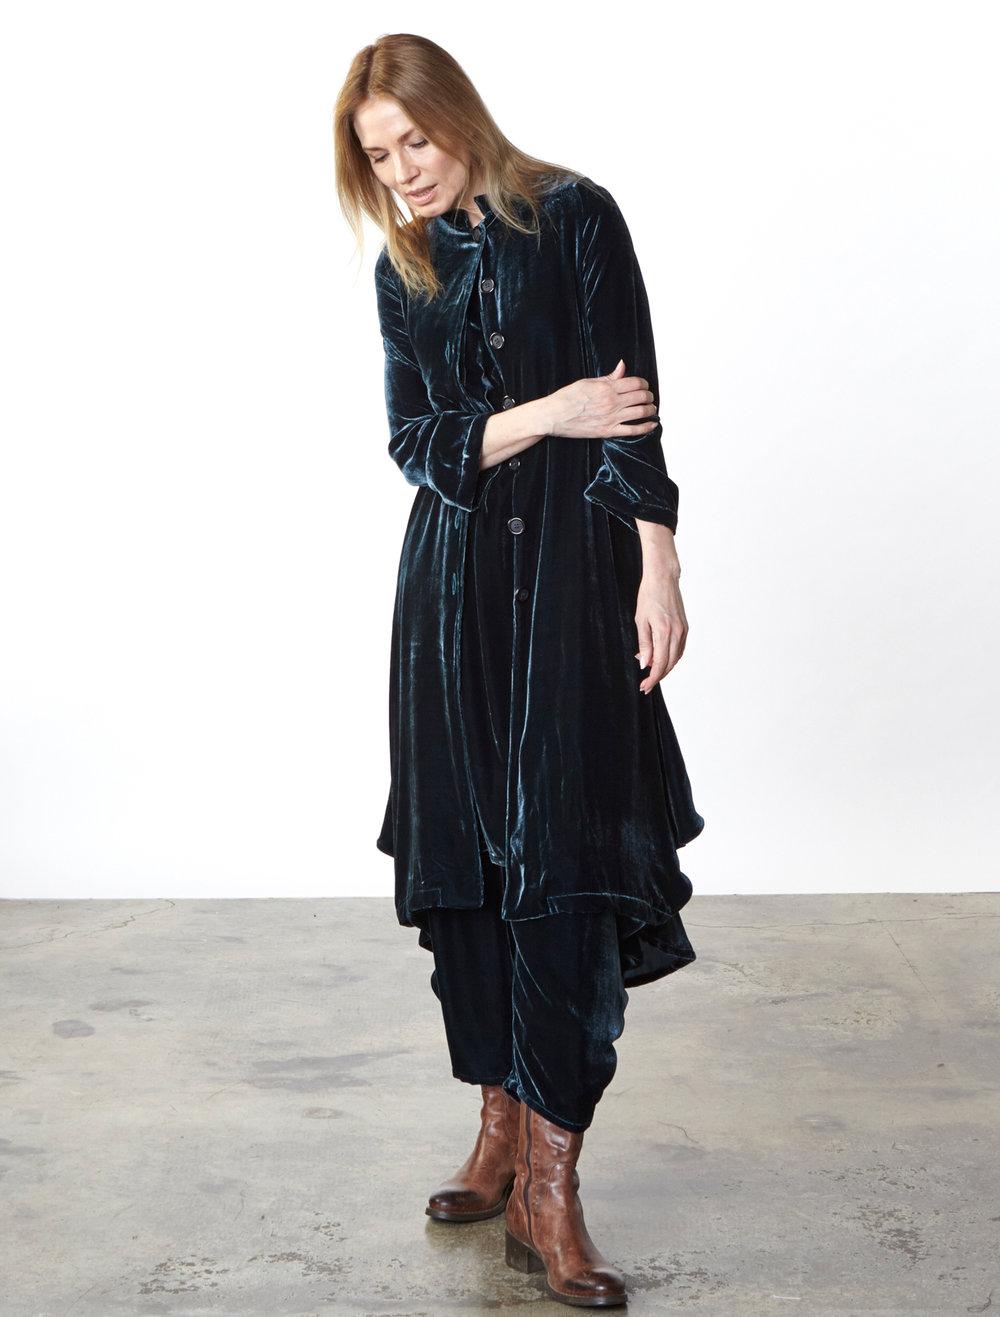 Llewellyn Jacket, Hamish Pant in Teal Italian Viscose/Silk Velvet